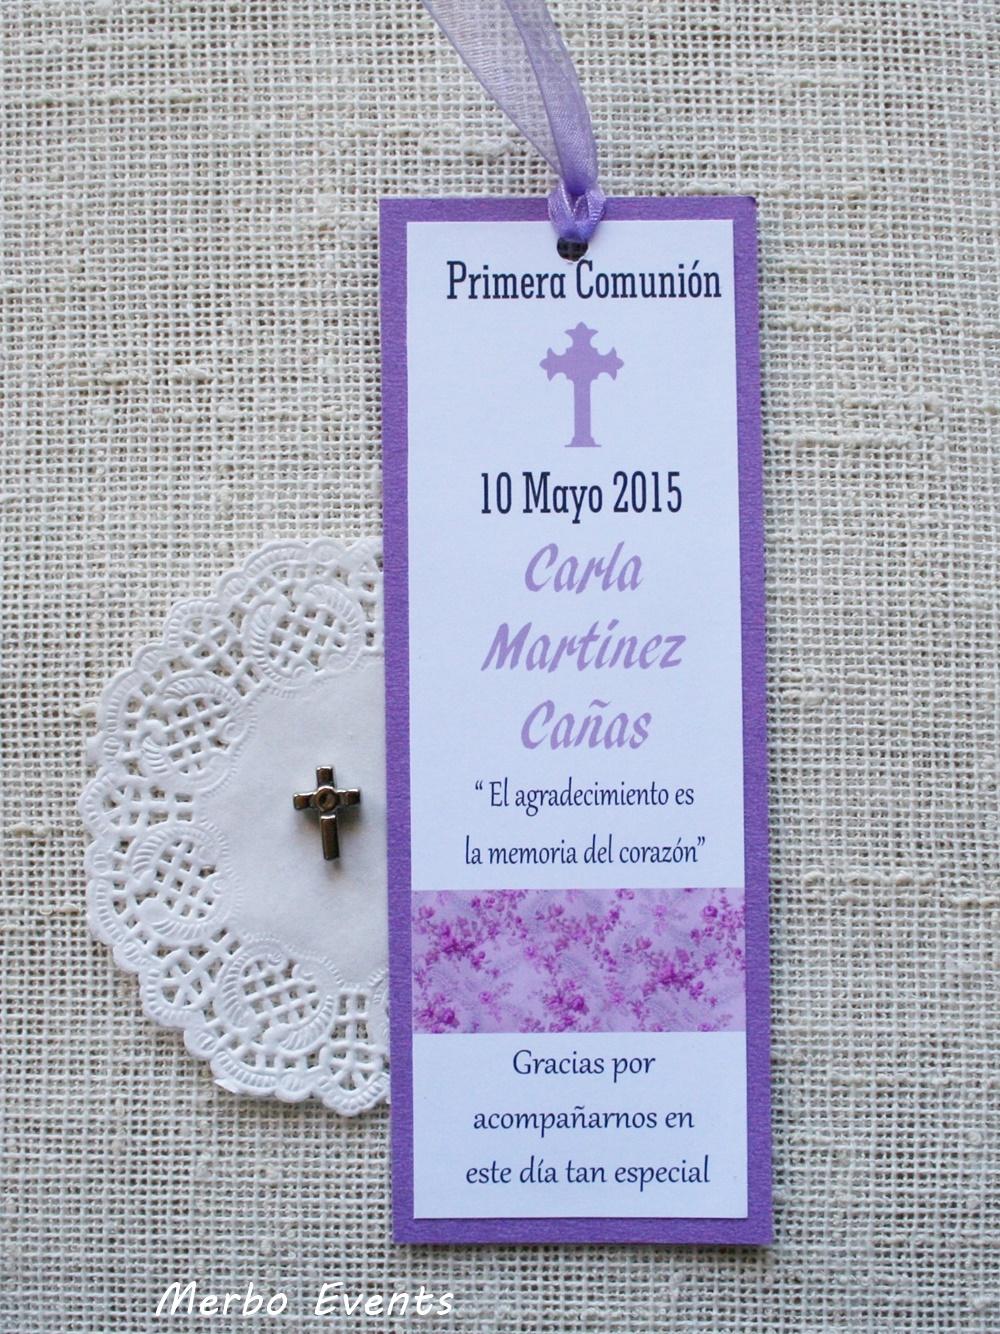 Conjunto Violetas Invitaciones y punto de libro Colección Comuniones Niñas Merbo Events